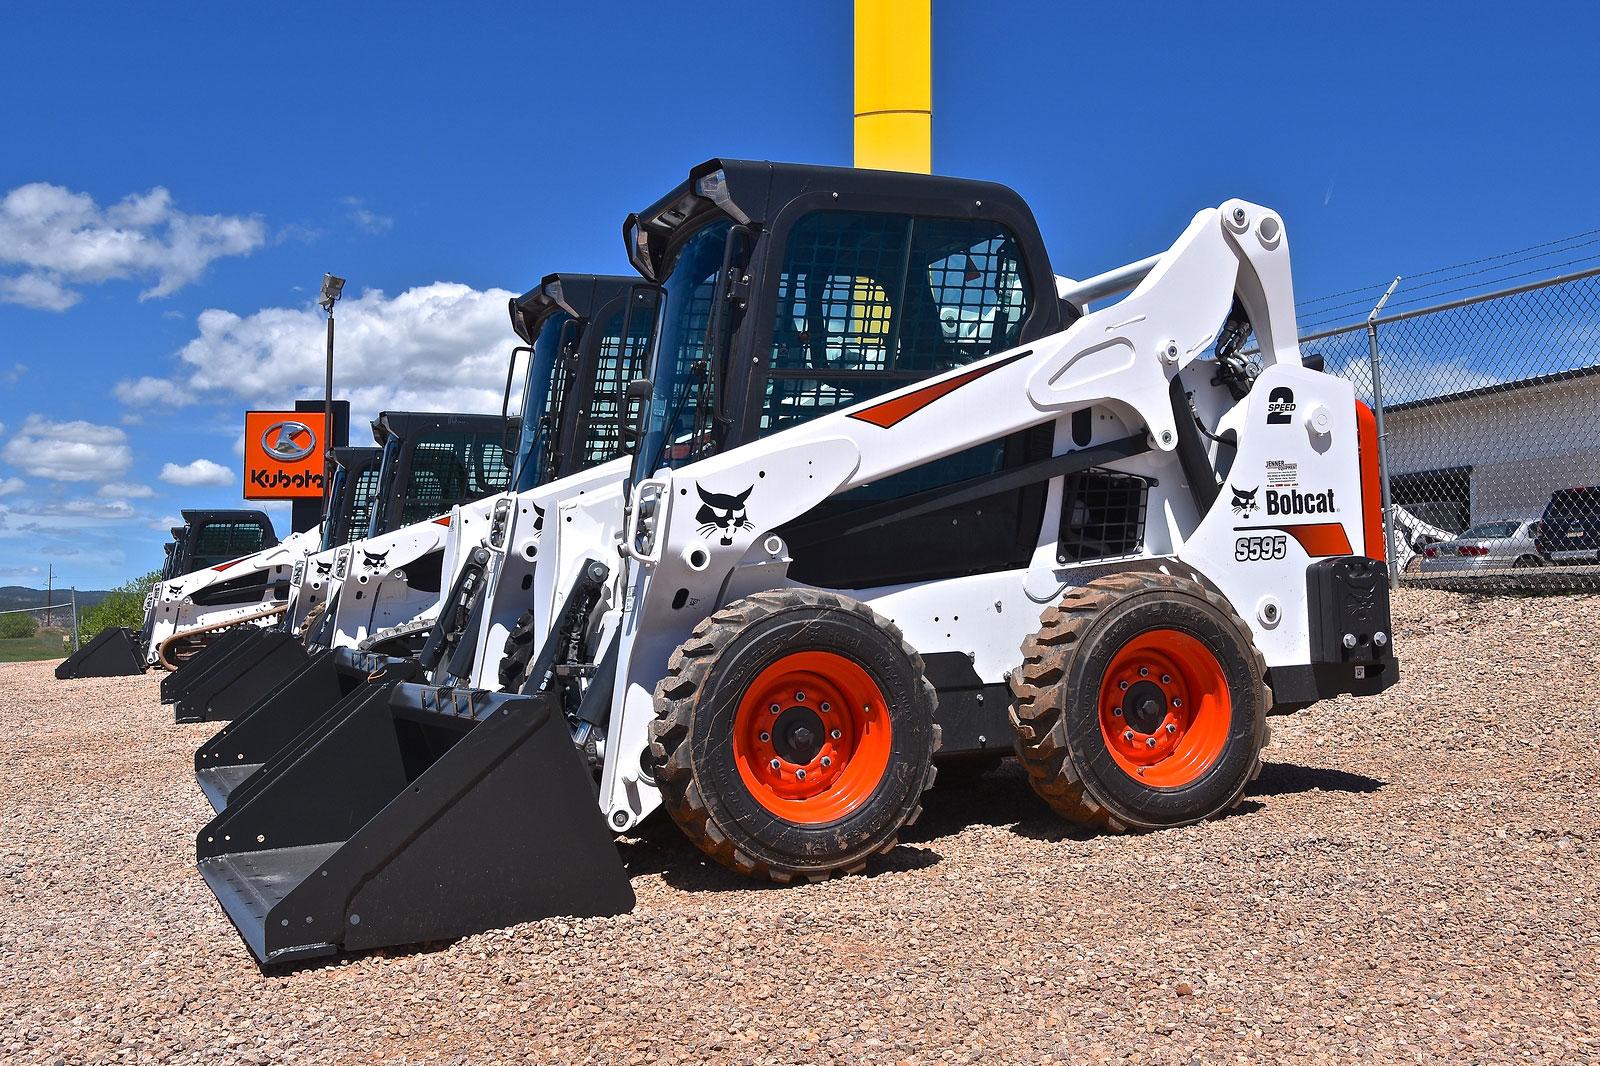 Bobcat-mieten,bagger-mieten,bobcat-hannover,kompaktlader-mieten,bobcat-service-Bild1